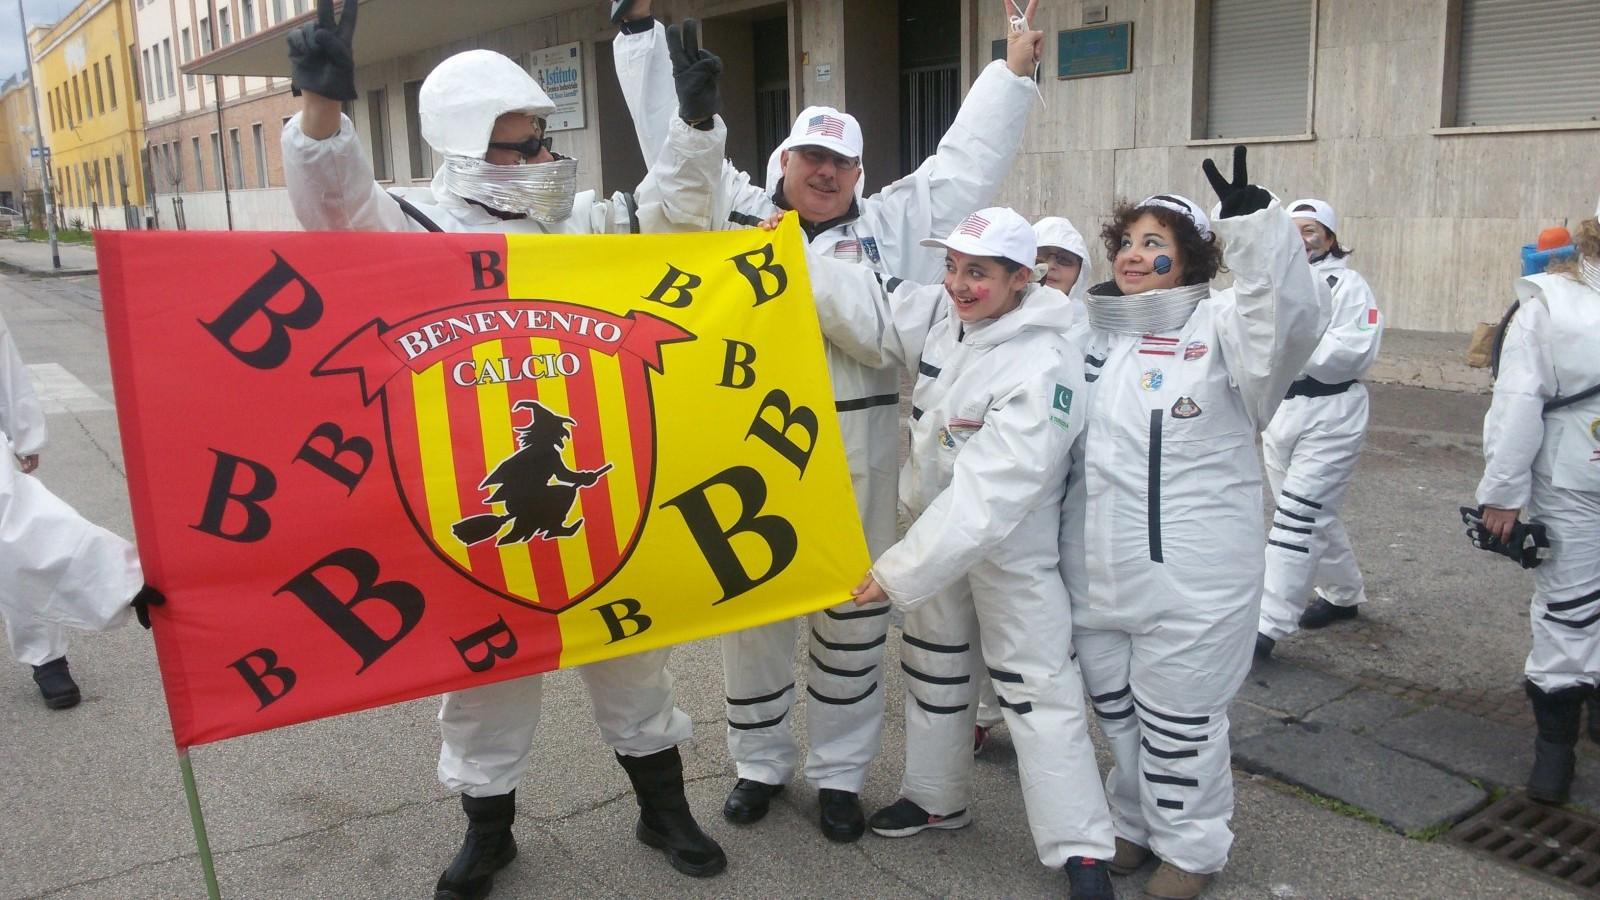 Annullamento Carnevale a Benevento, Petito: siamo rammaricati